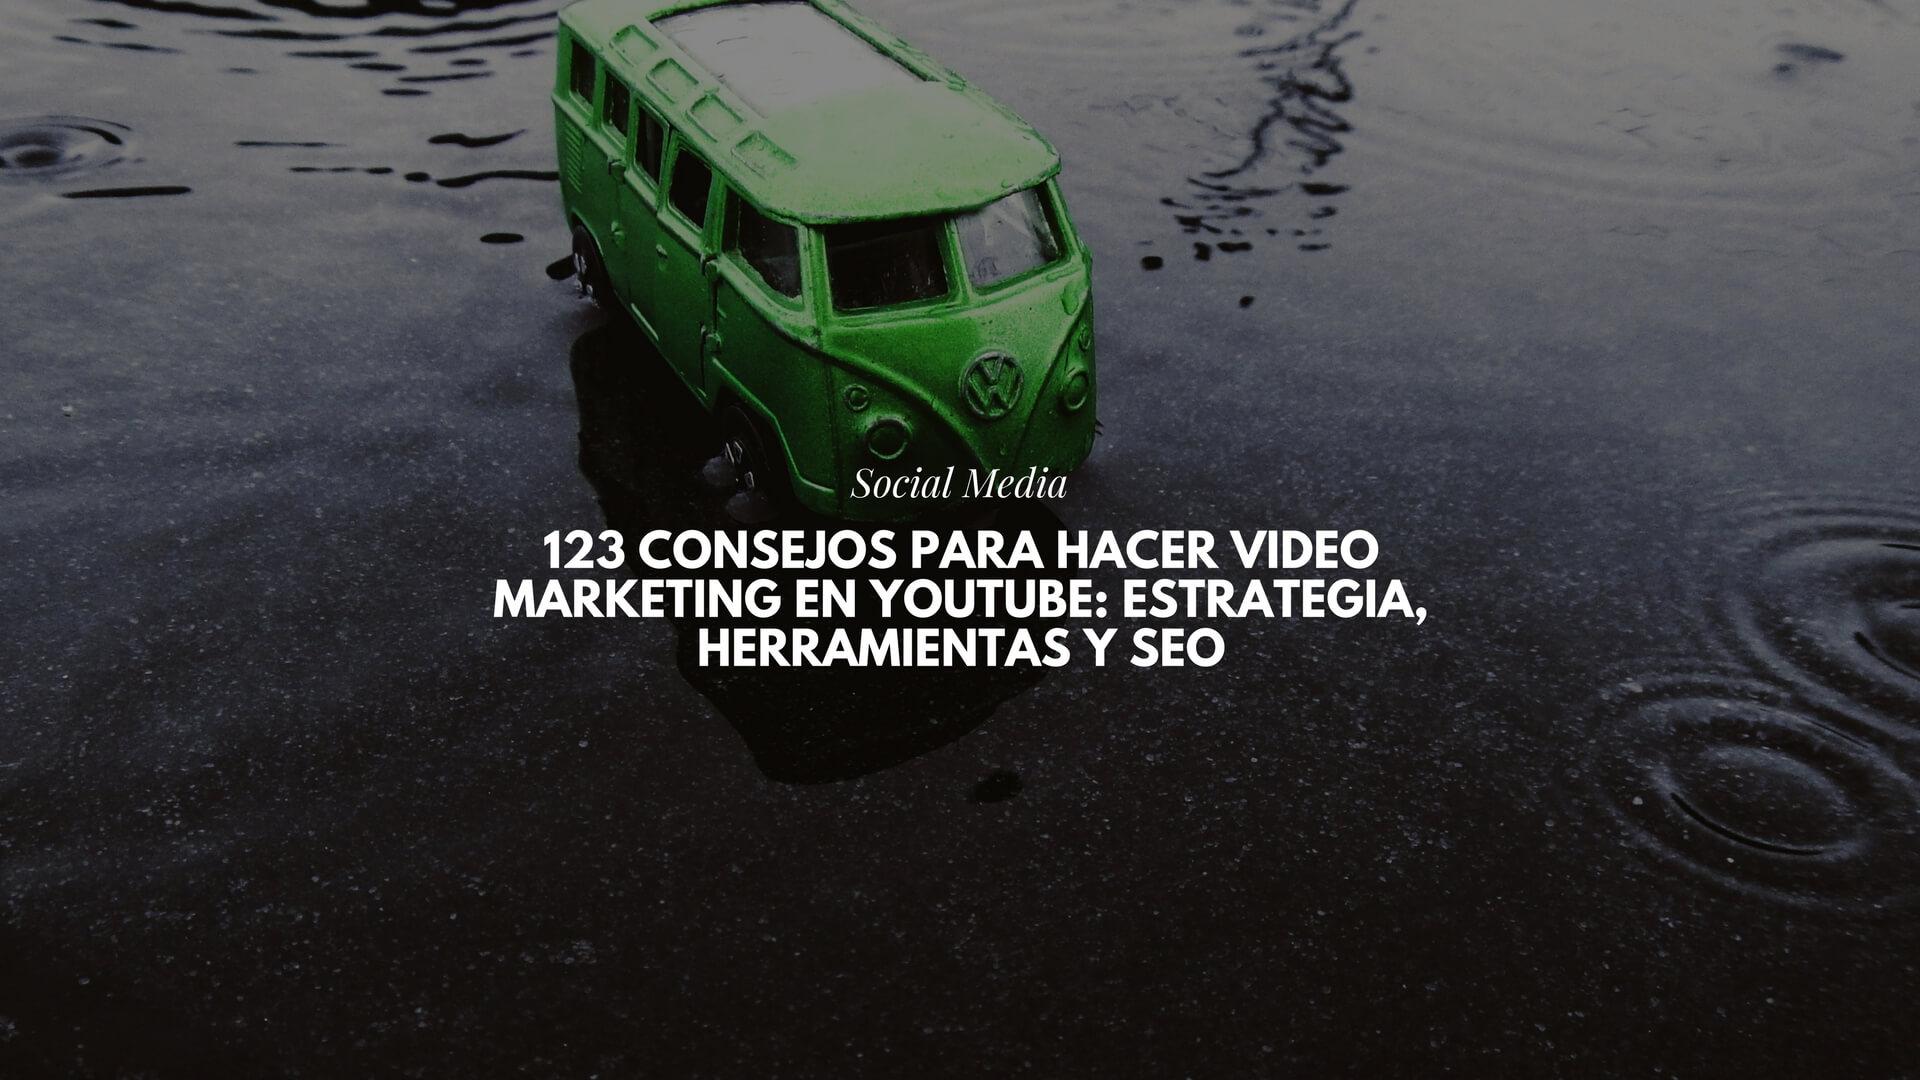 123 Consejos para hacer Video Marketing en Youtube: estrategia, herramientas y SEO